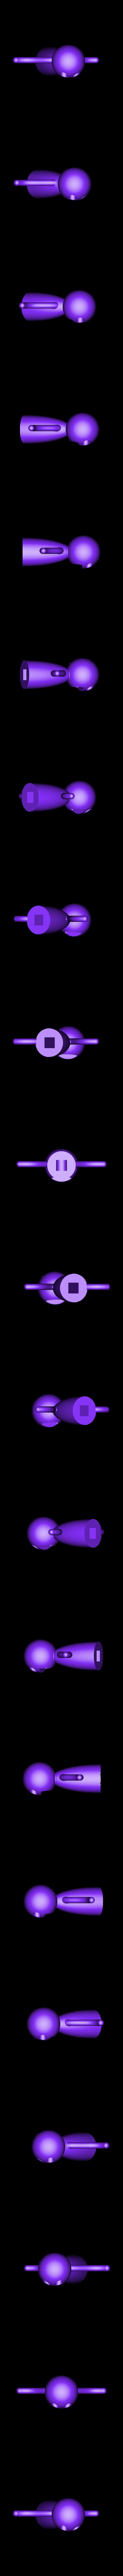 Function_Stickman_ycosx_top.stl Télécharger fichier STL gratuit Dancing Function Stickmen • Plan pour impression 3D, Chrisibub